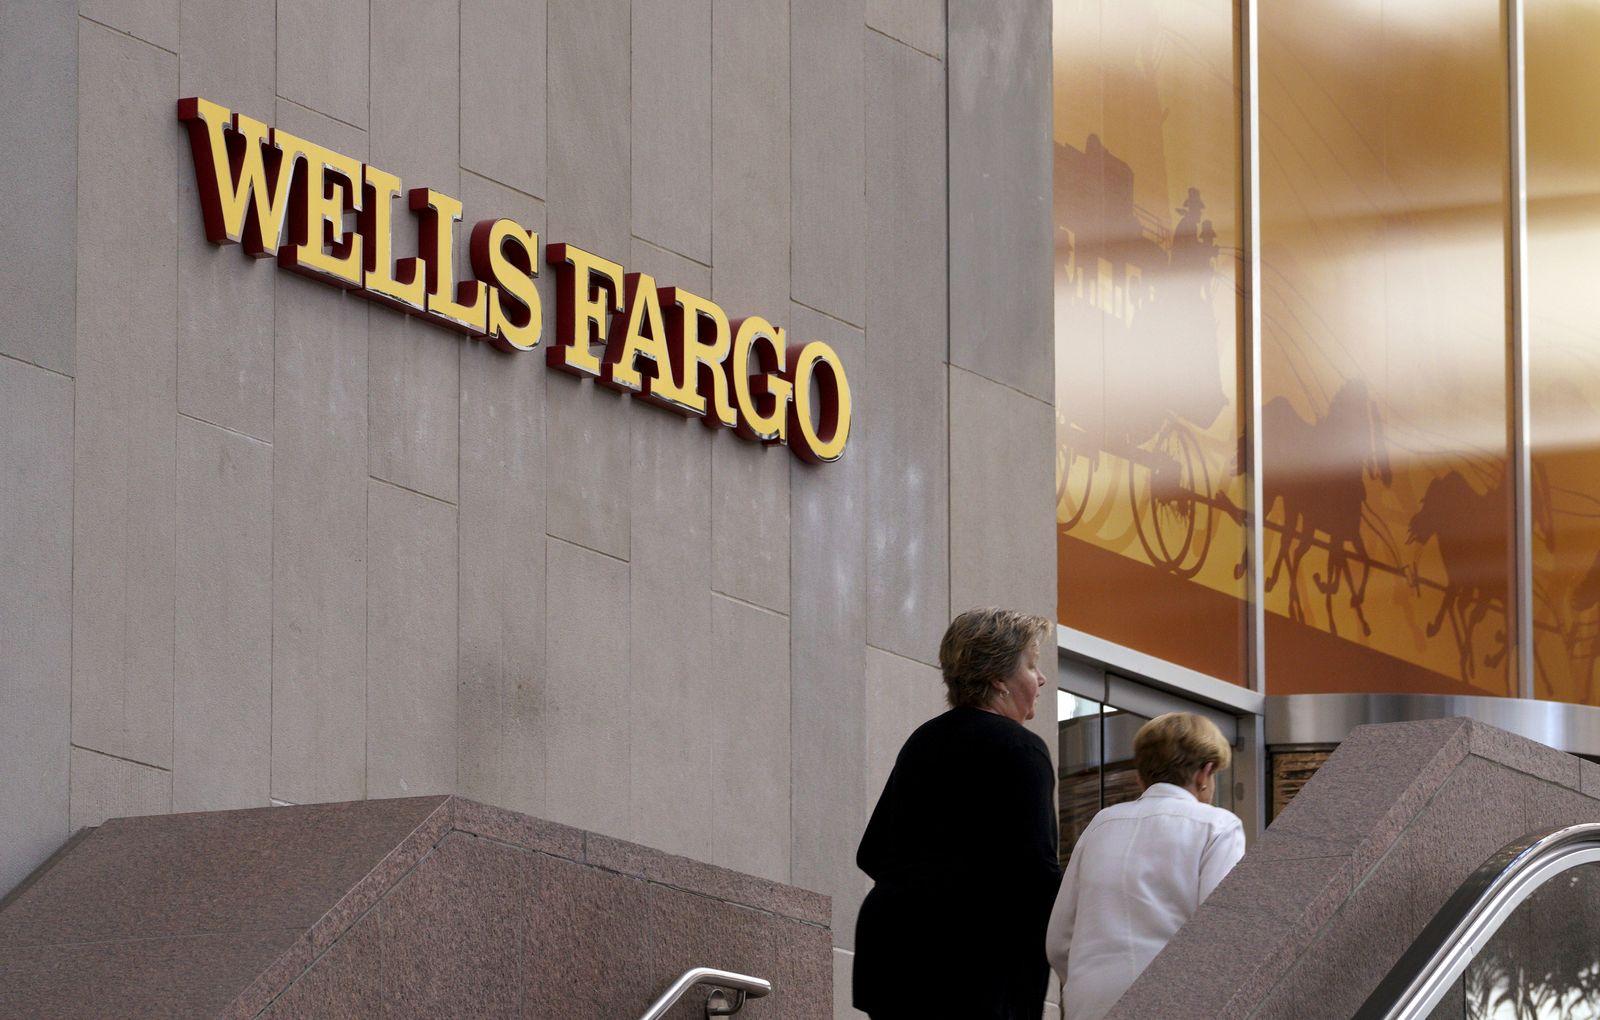 Bank Wells Fargo